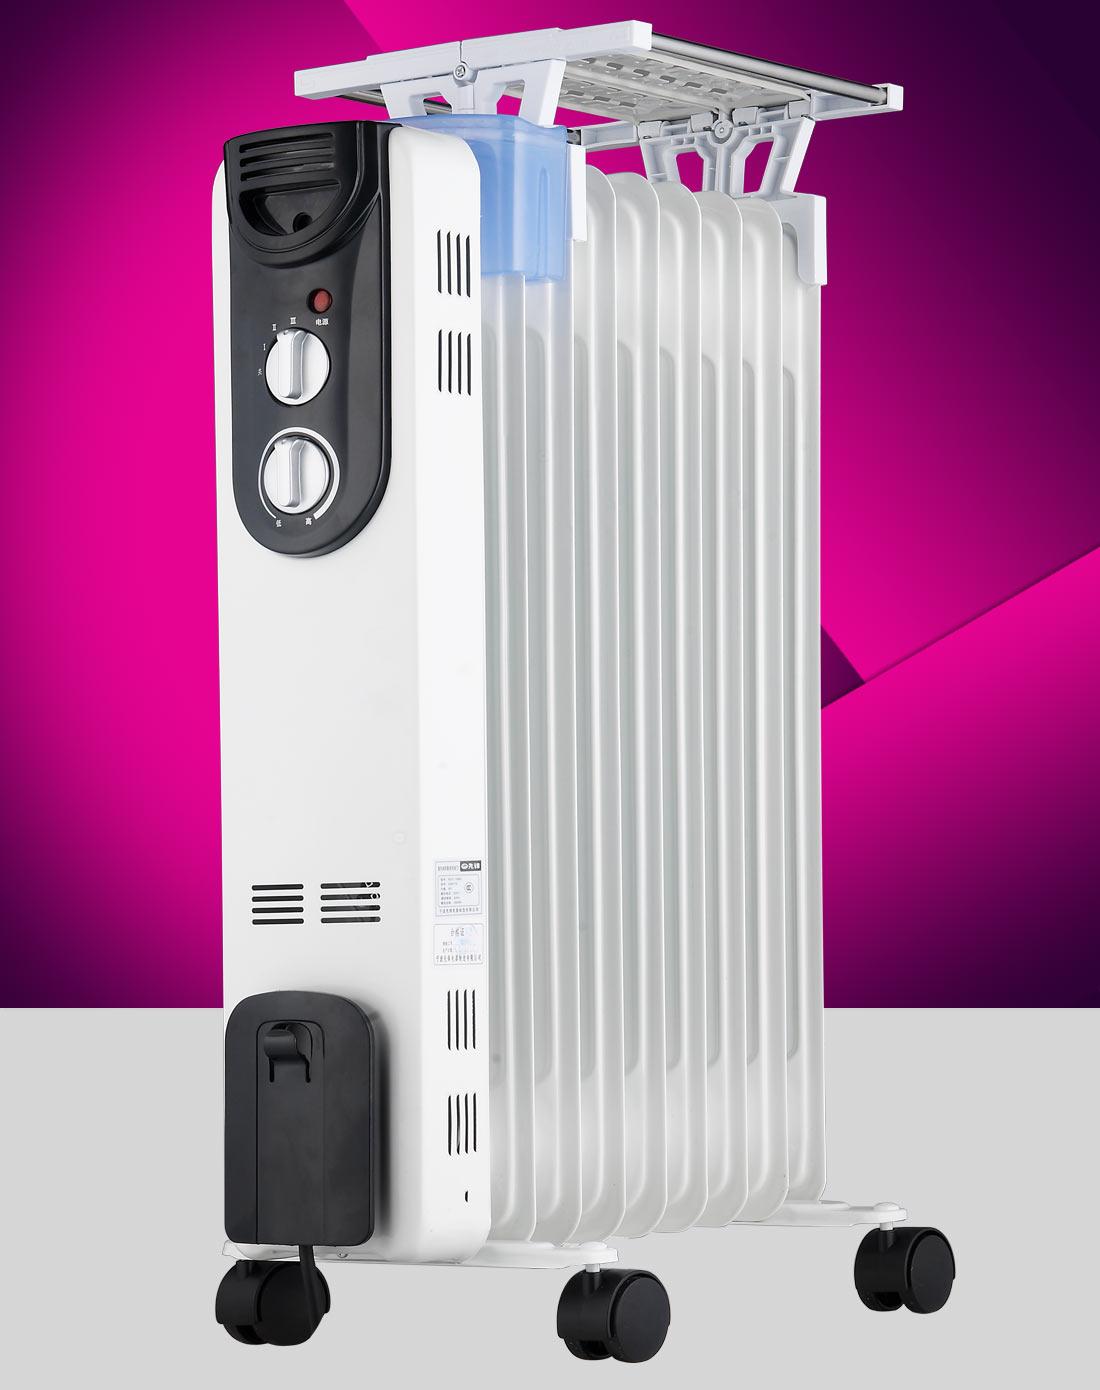 先锋singfun电暖专场9片白色电热油汀电暖器ndy-16b